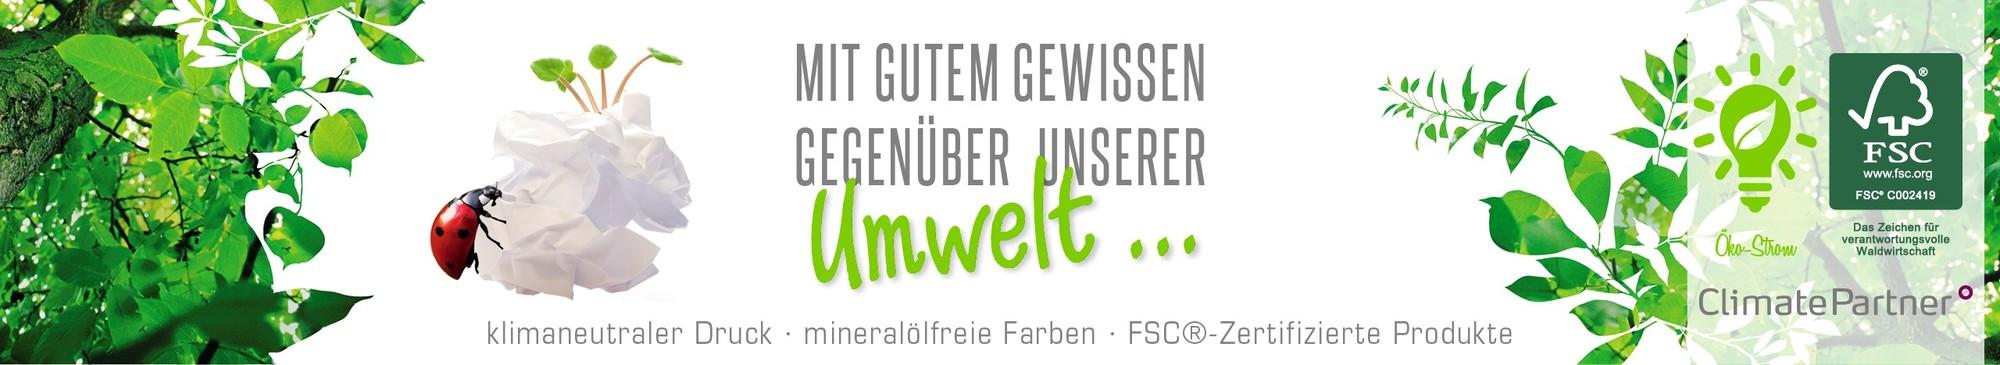 Onlinedruckerei mit klimaneutraler Druck mineralölfreie Farben FSC Zertifizierung